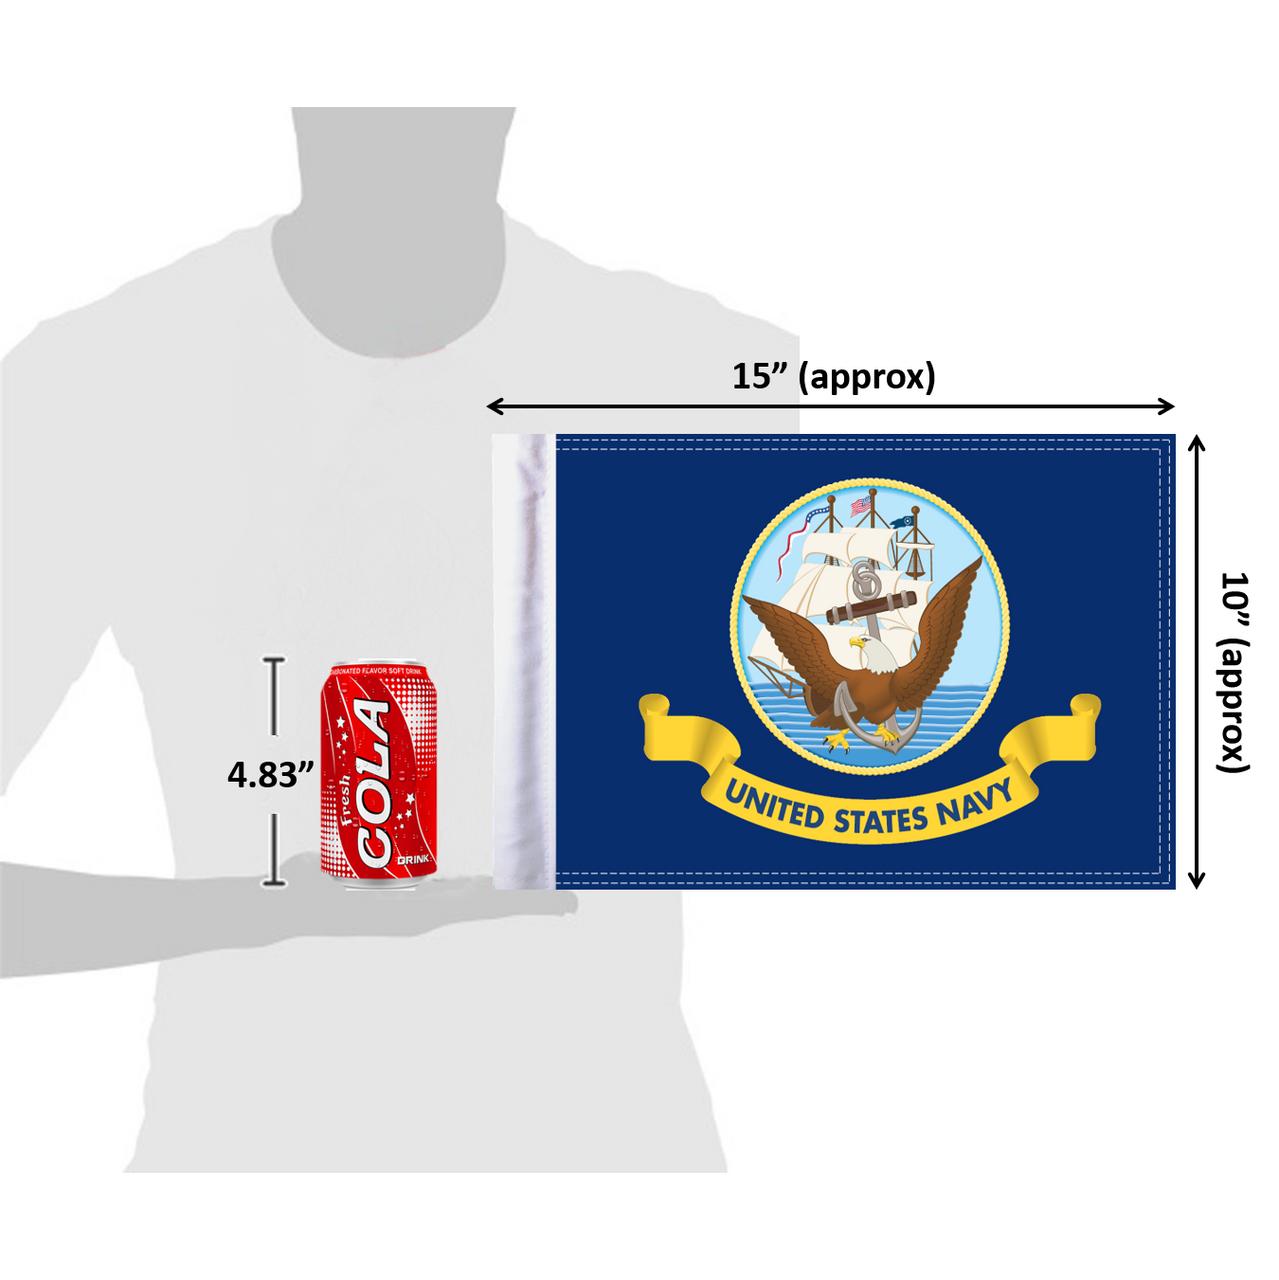 """10""""x15"""" U.S. Navy flag (size comparison view)"""